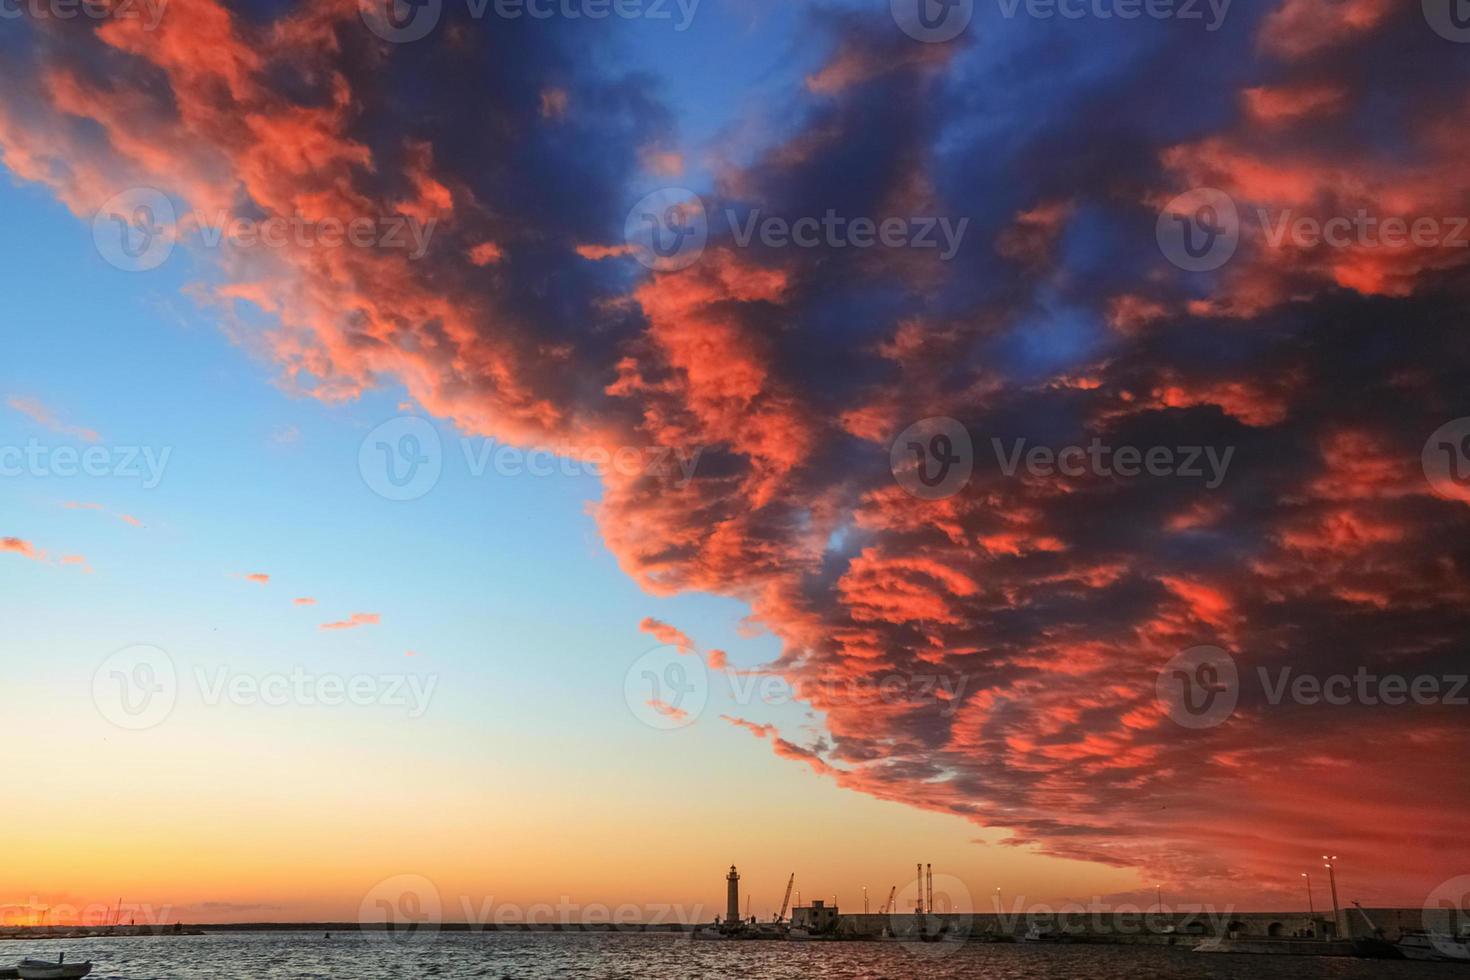 sommar. adriatic kust: hamnen i Molfetta vid solnedgången. Italien (Apulien) foto